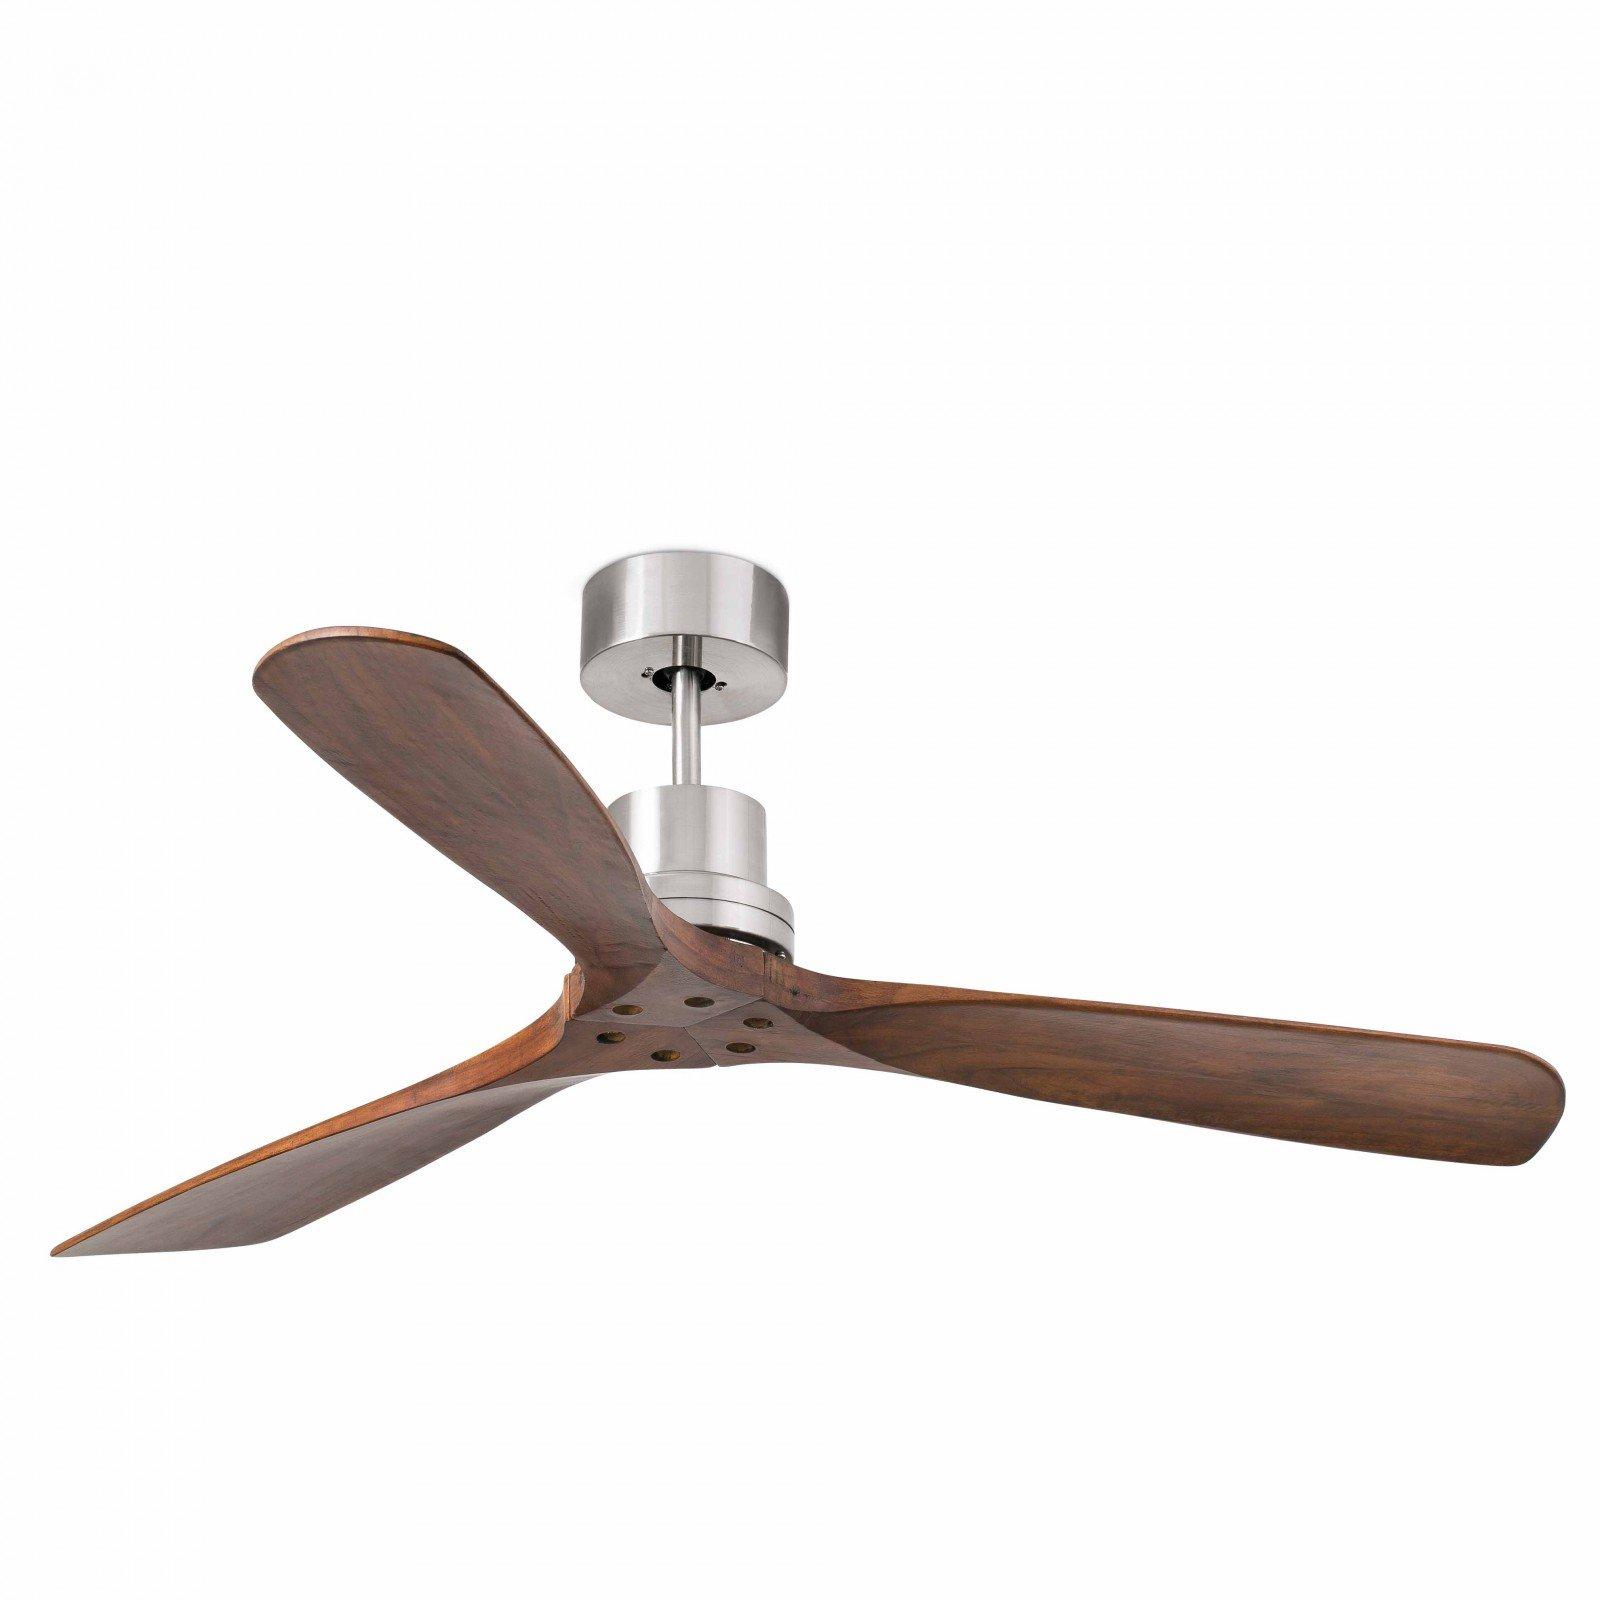 Ventilateur de plafond Lorefar Lantau Faro 33370Nickel mat avec 3sombres en bois de noyer flà ¼ geln 132cm diamètre avec télécommande 3vitesses product image